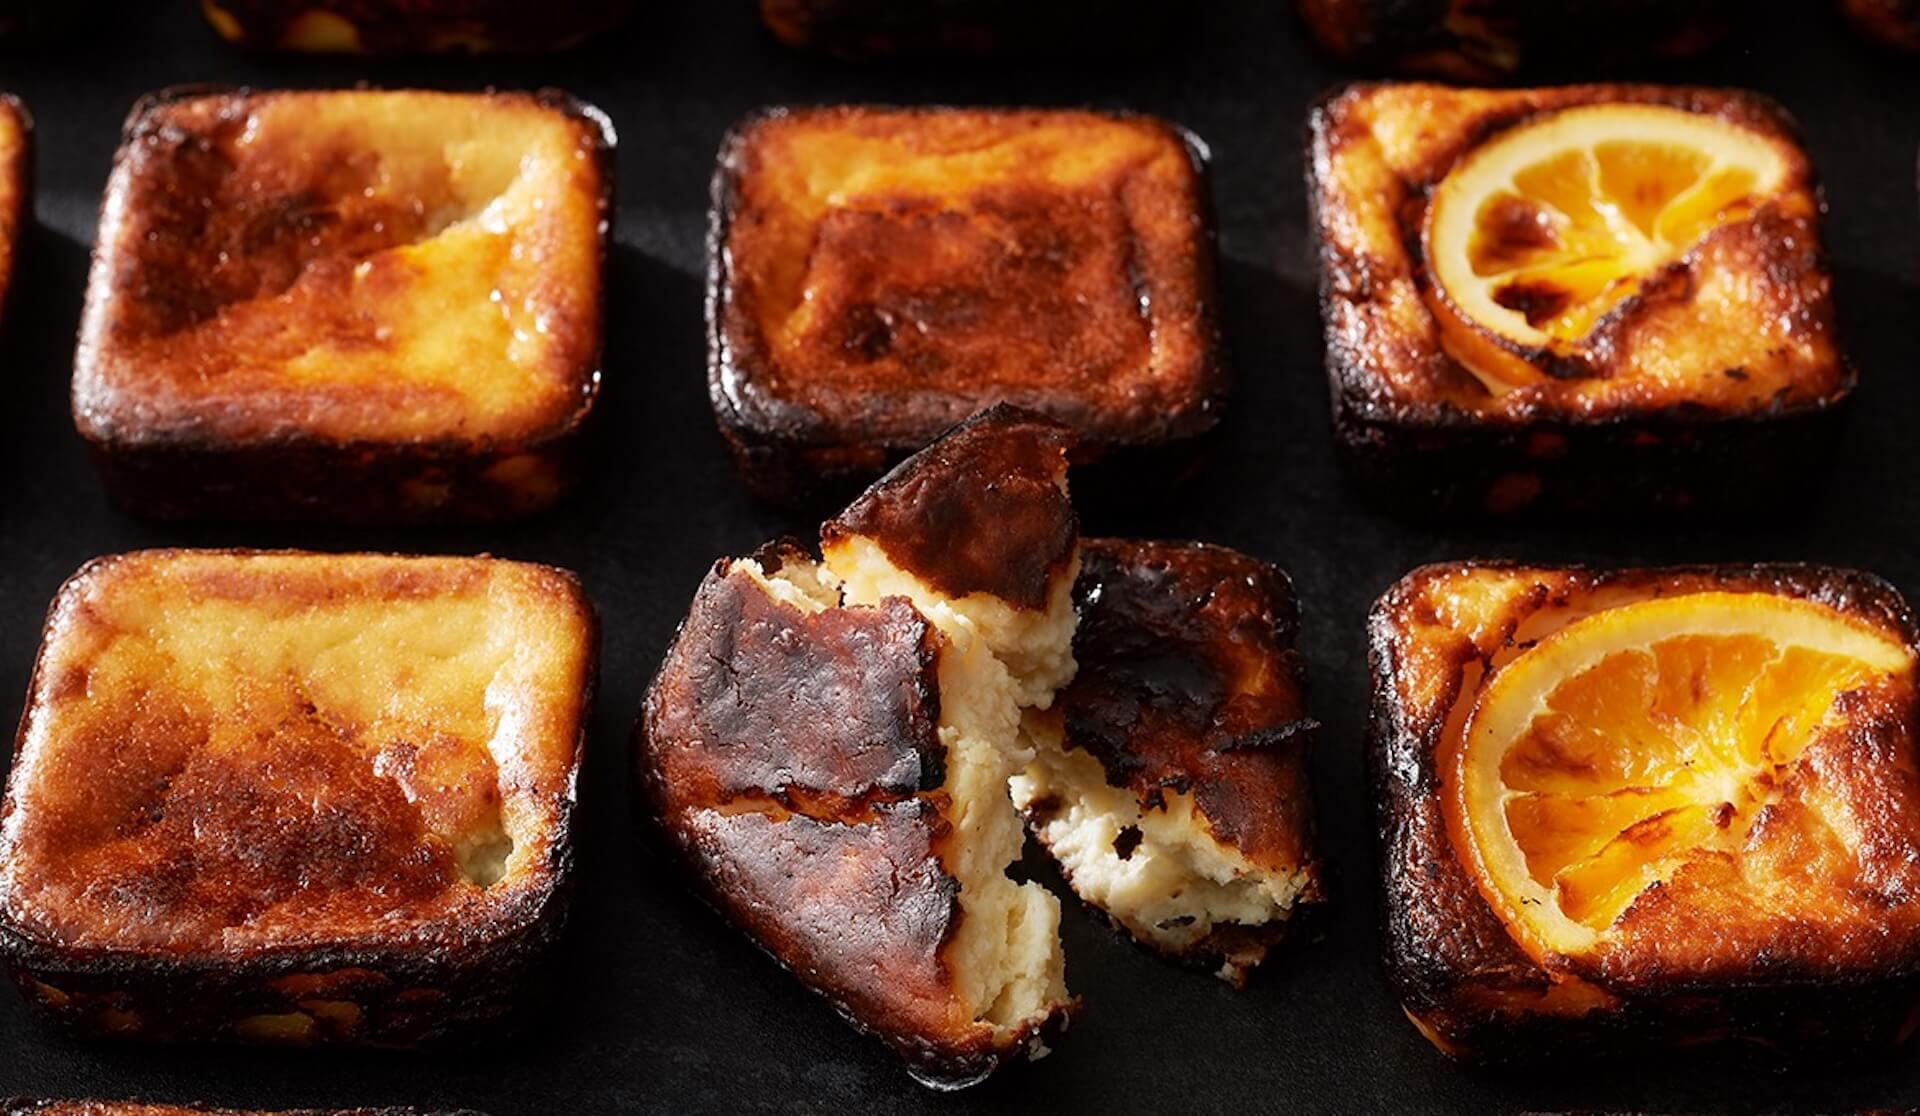 手のひらバスクチーズケーキで人気のBLOCK BLOCK TOKYOが東急フードショーに出店!9種のフレーバーが登場 gourmet211014_block_block_tokyo_02